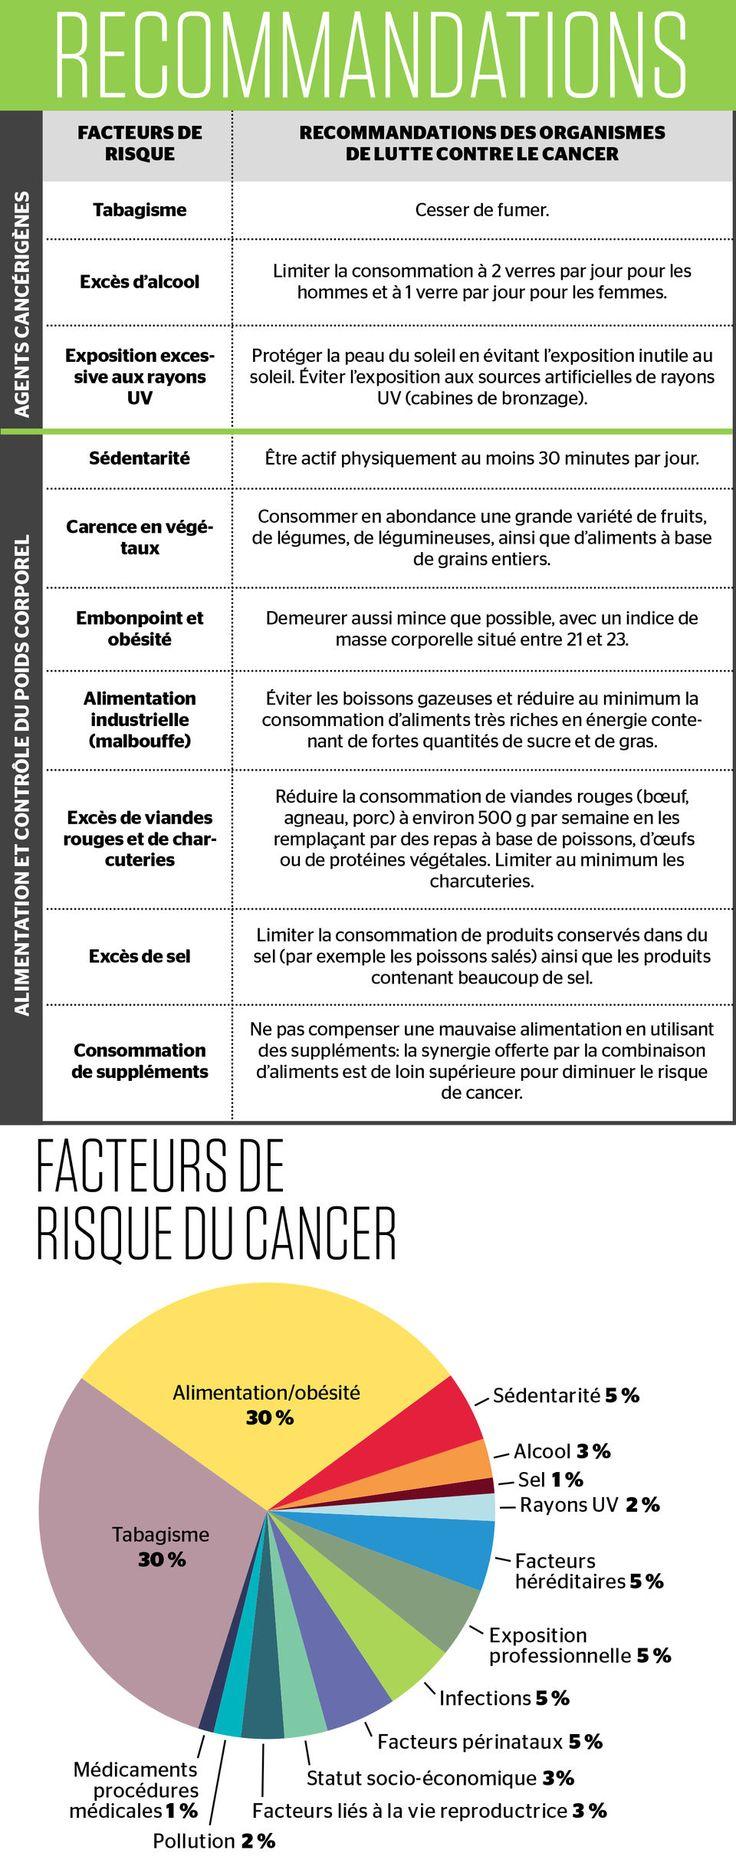 Près des deux tiers des cas de cancers qui touchent actuellement la population pourraient être prévenus simplement en modifiant les habitudes de vie.